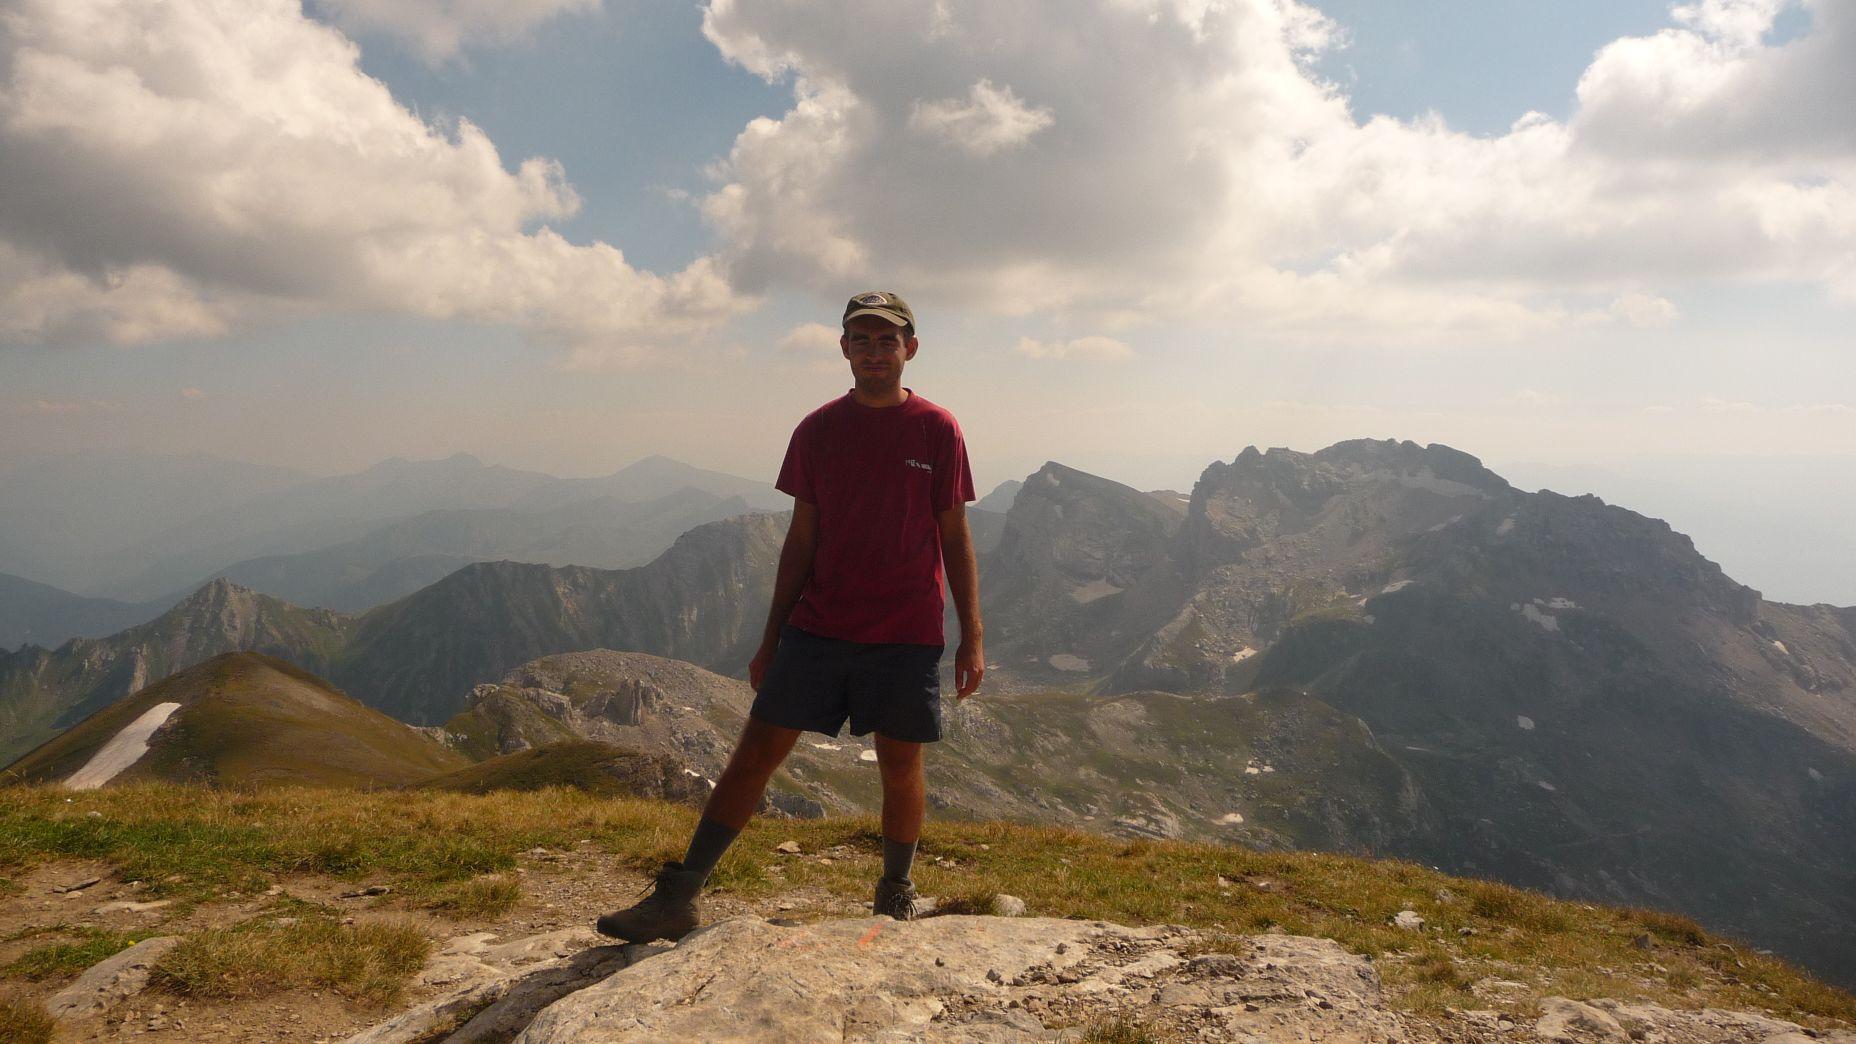 Bałkany - Macedonia - przewodnik-zdjęcia-atrakcje turystyczne